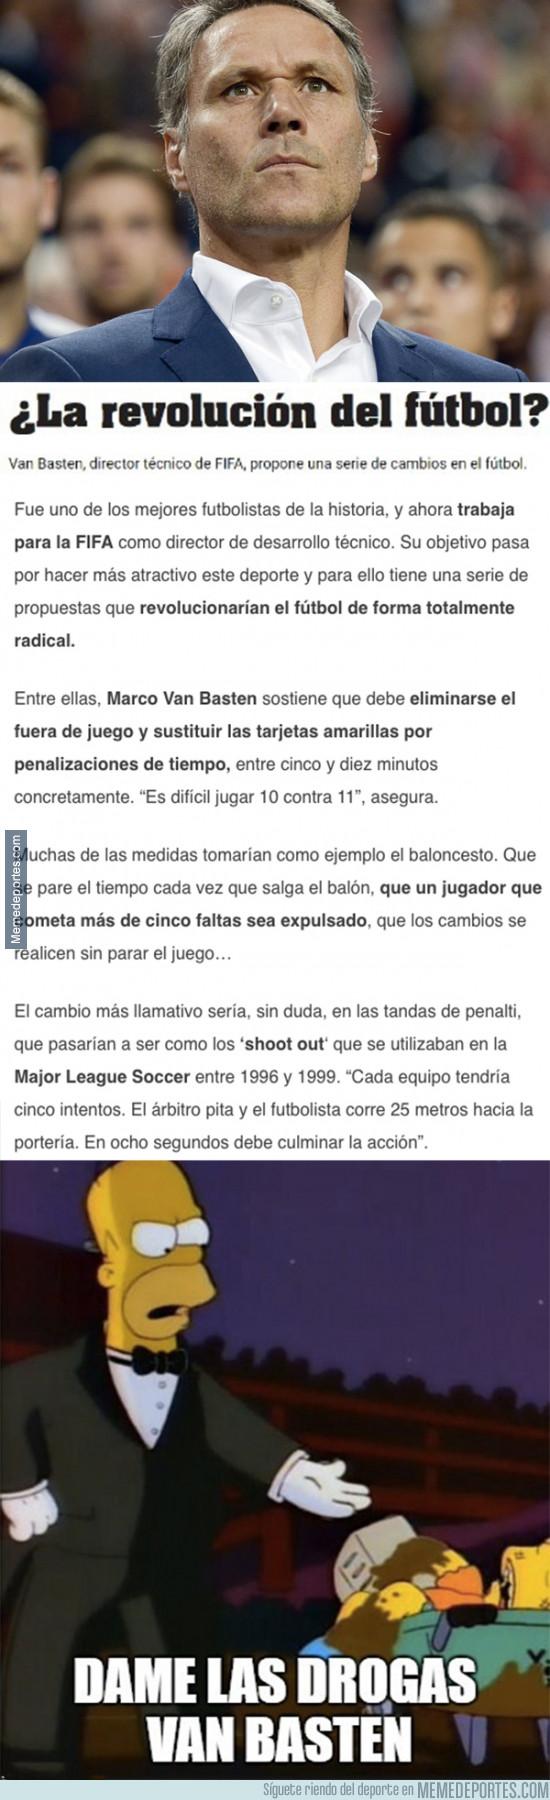 941128 - Las locas normas que quiere introducir Van Basten en el fútbol